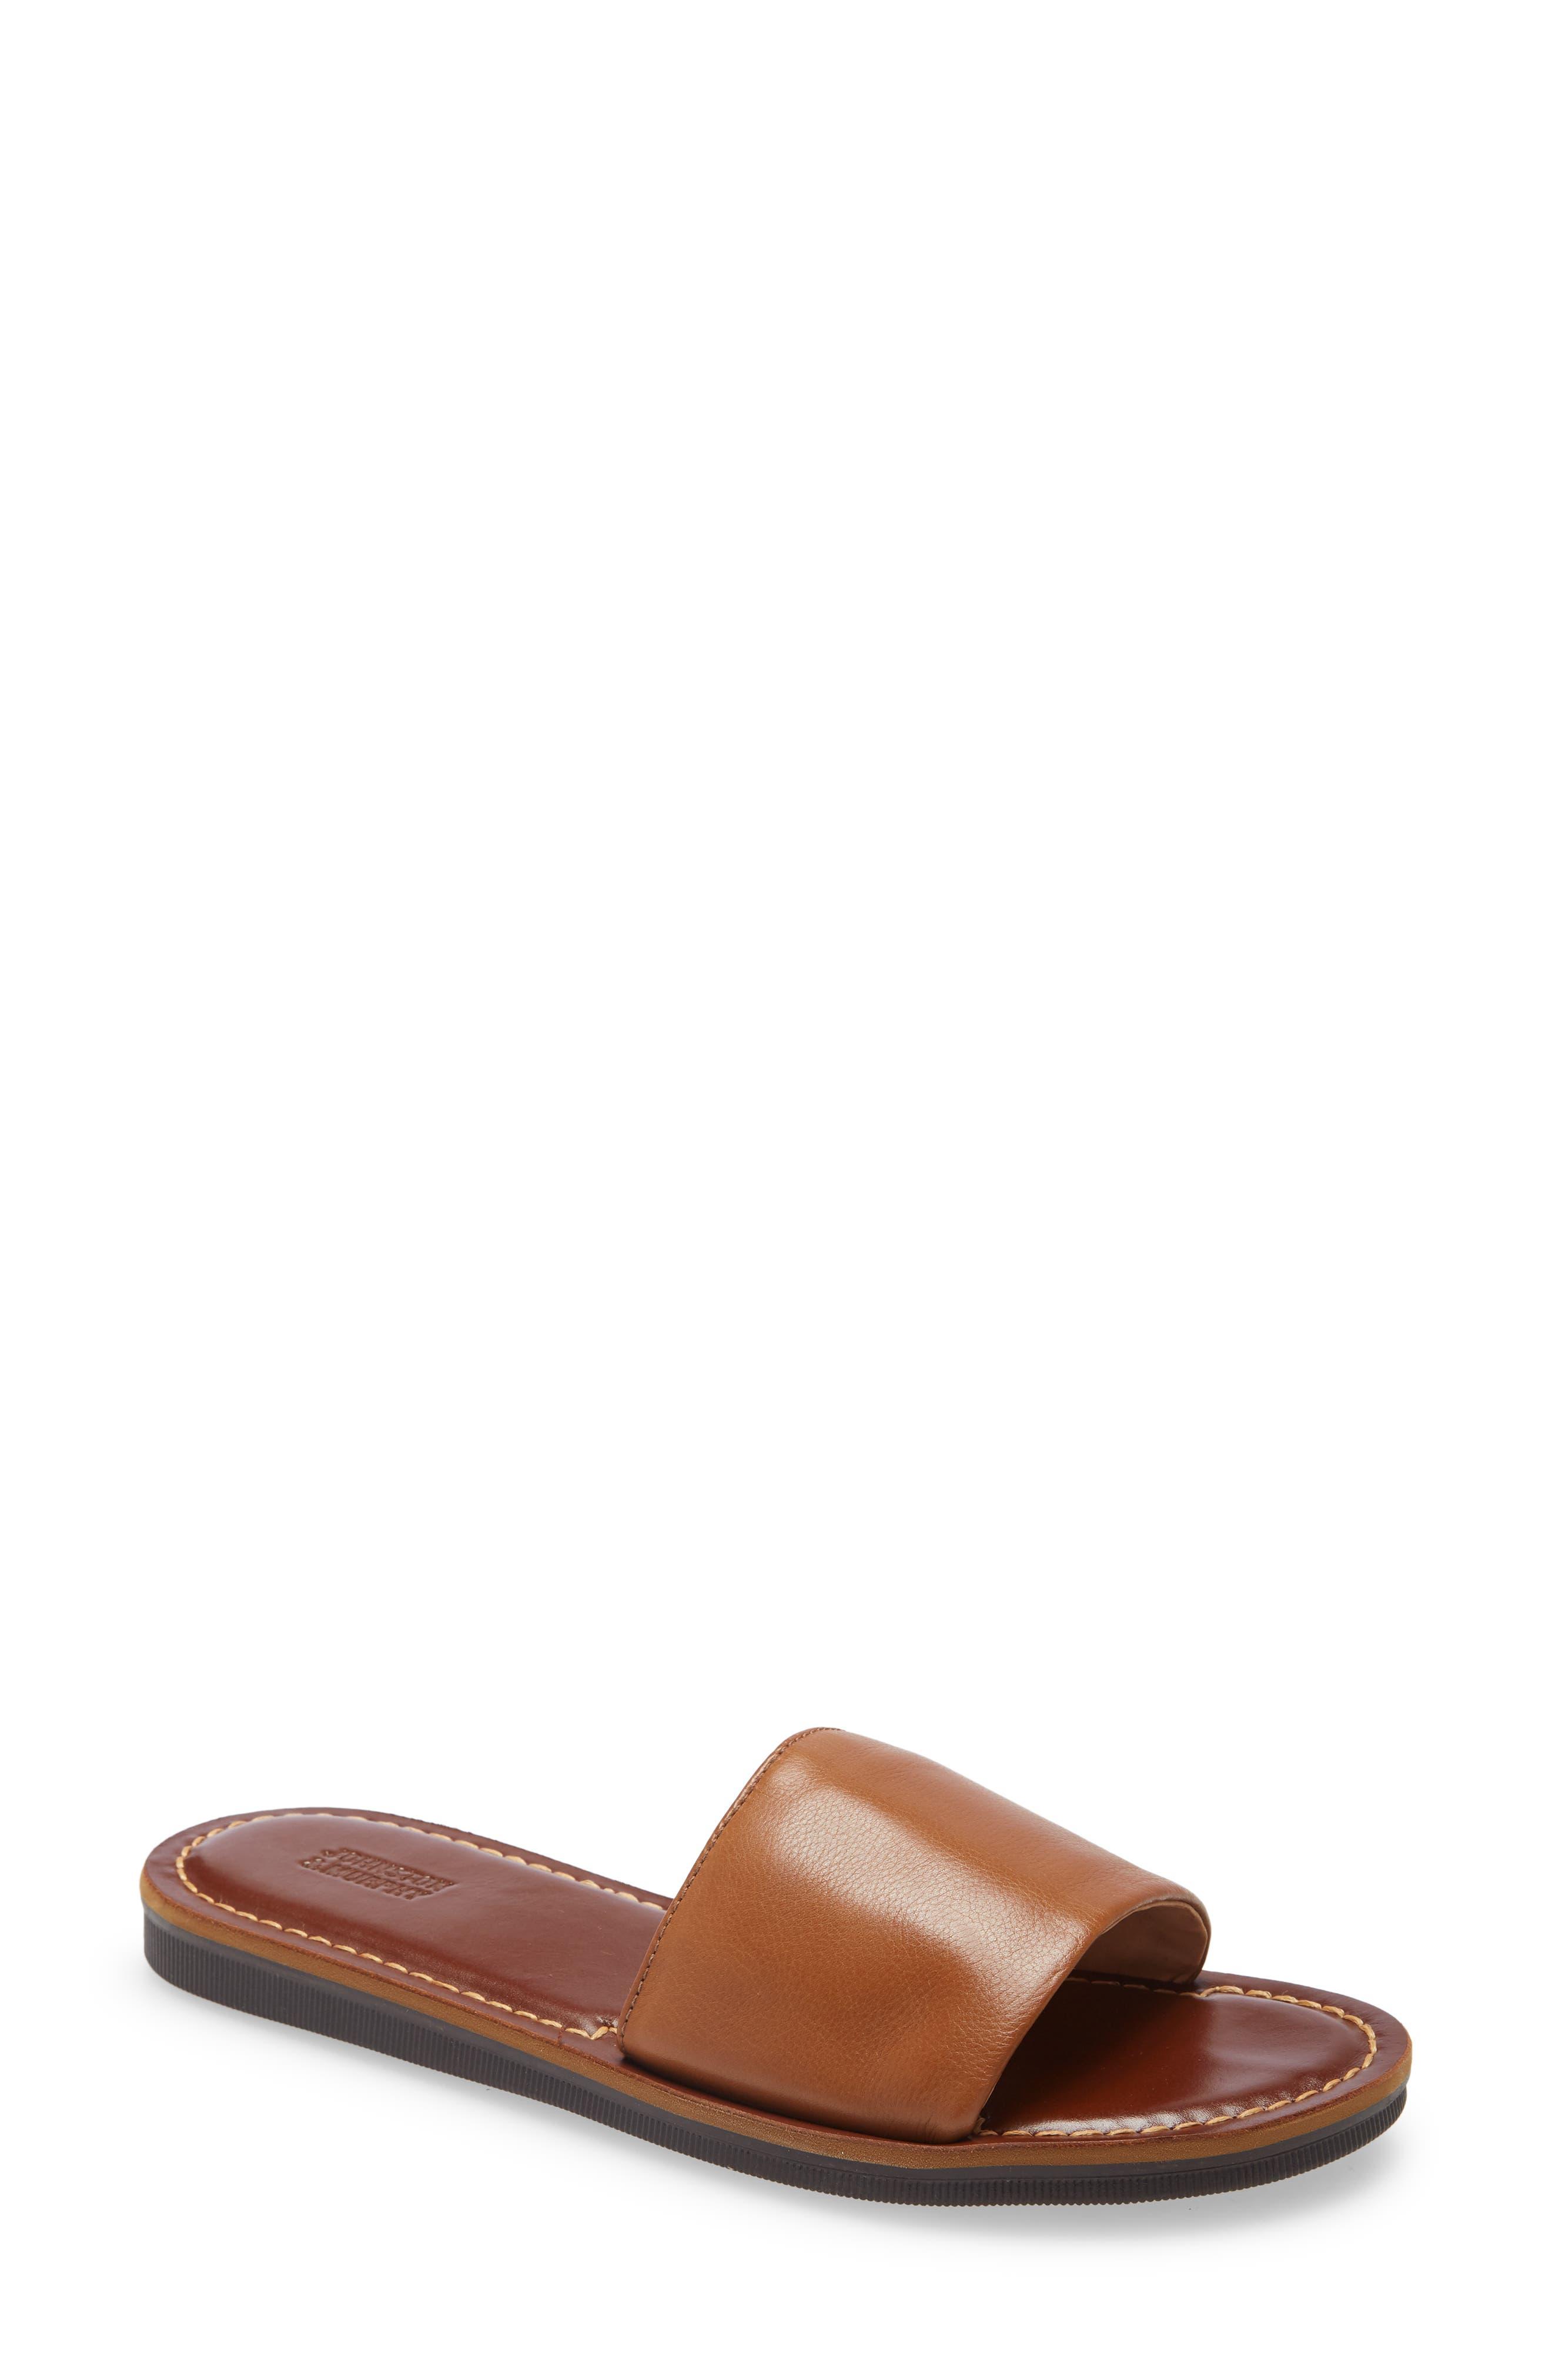 Norris Slide Sandal